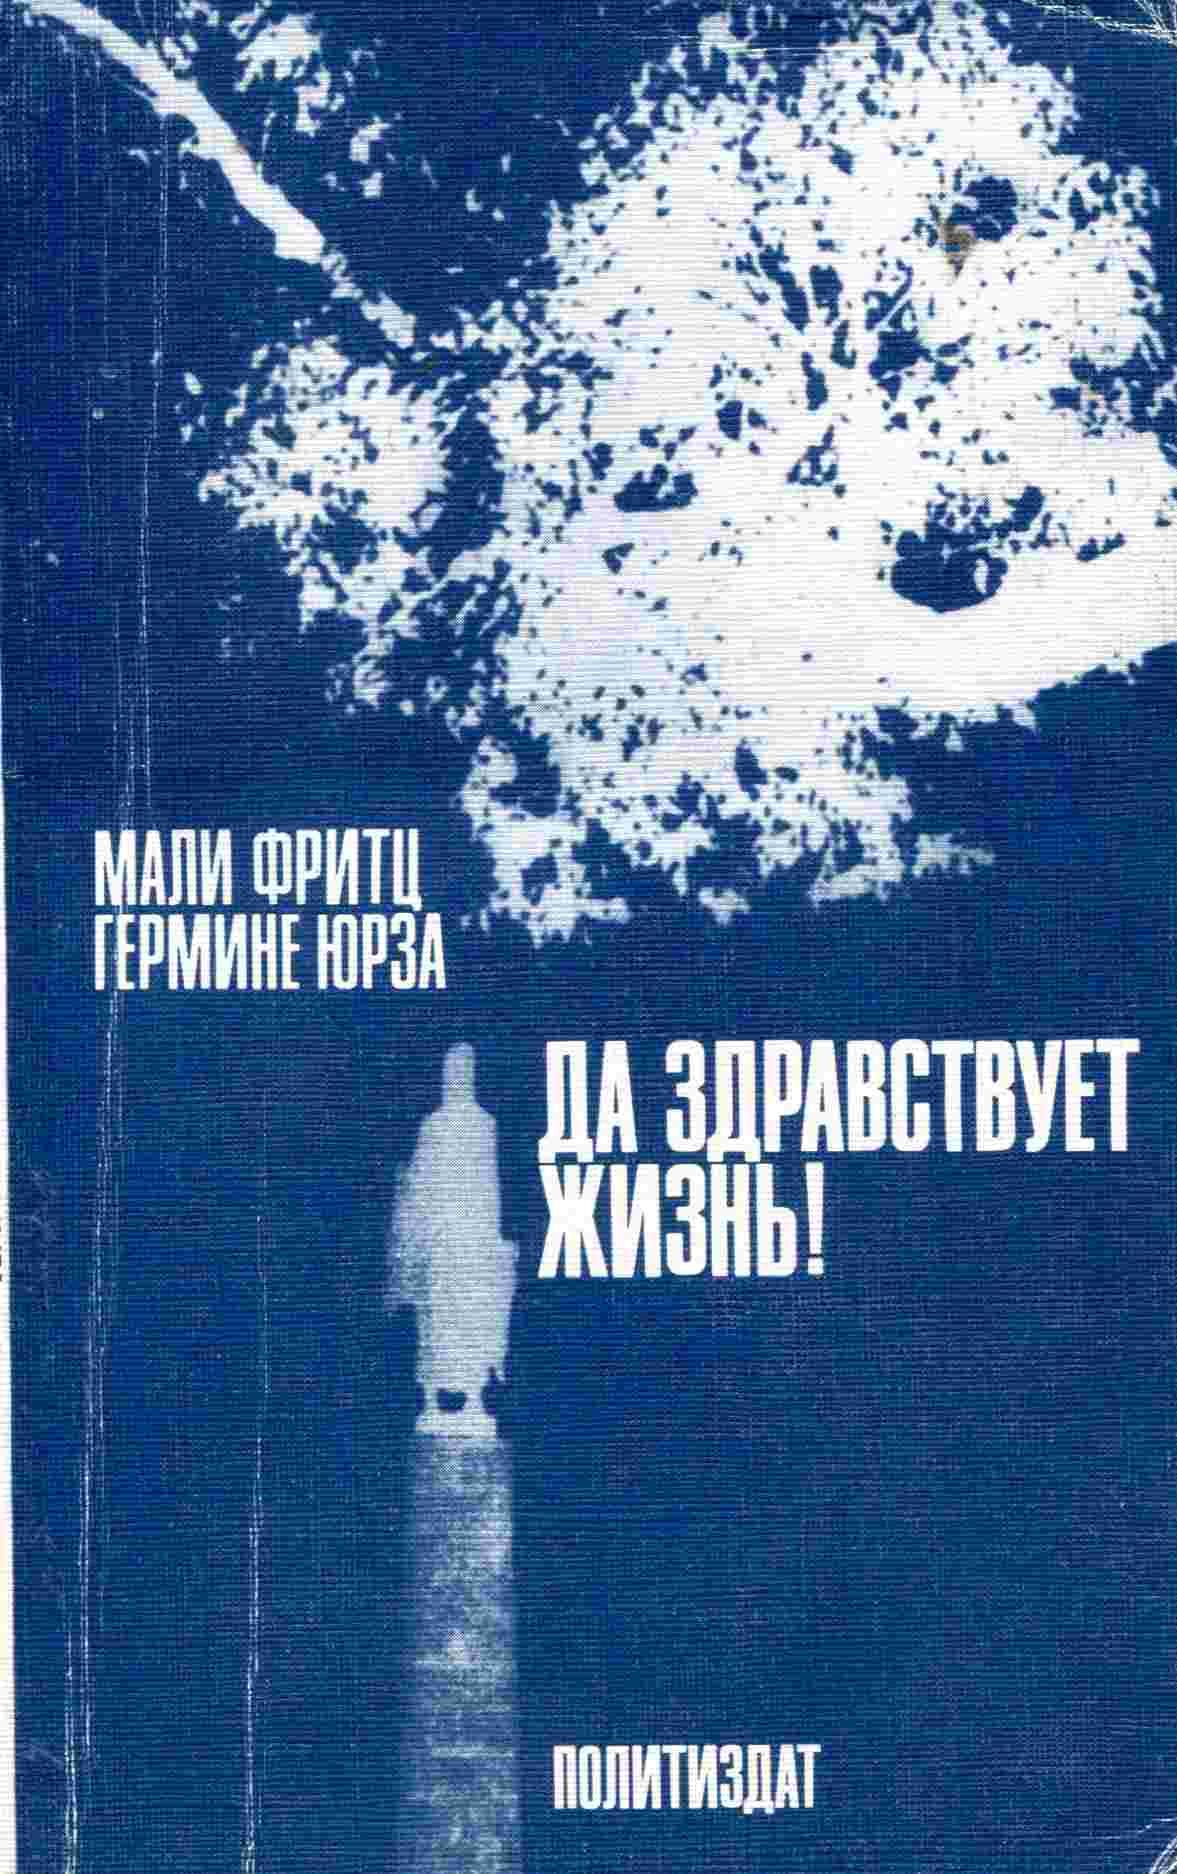 называются жители книги о освенциме читать обувь, Москва